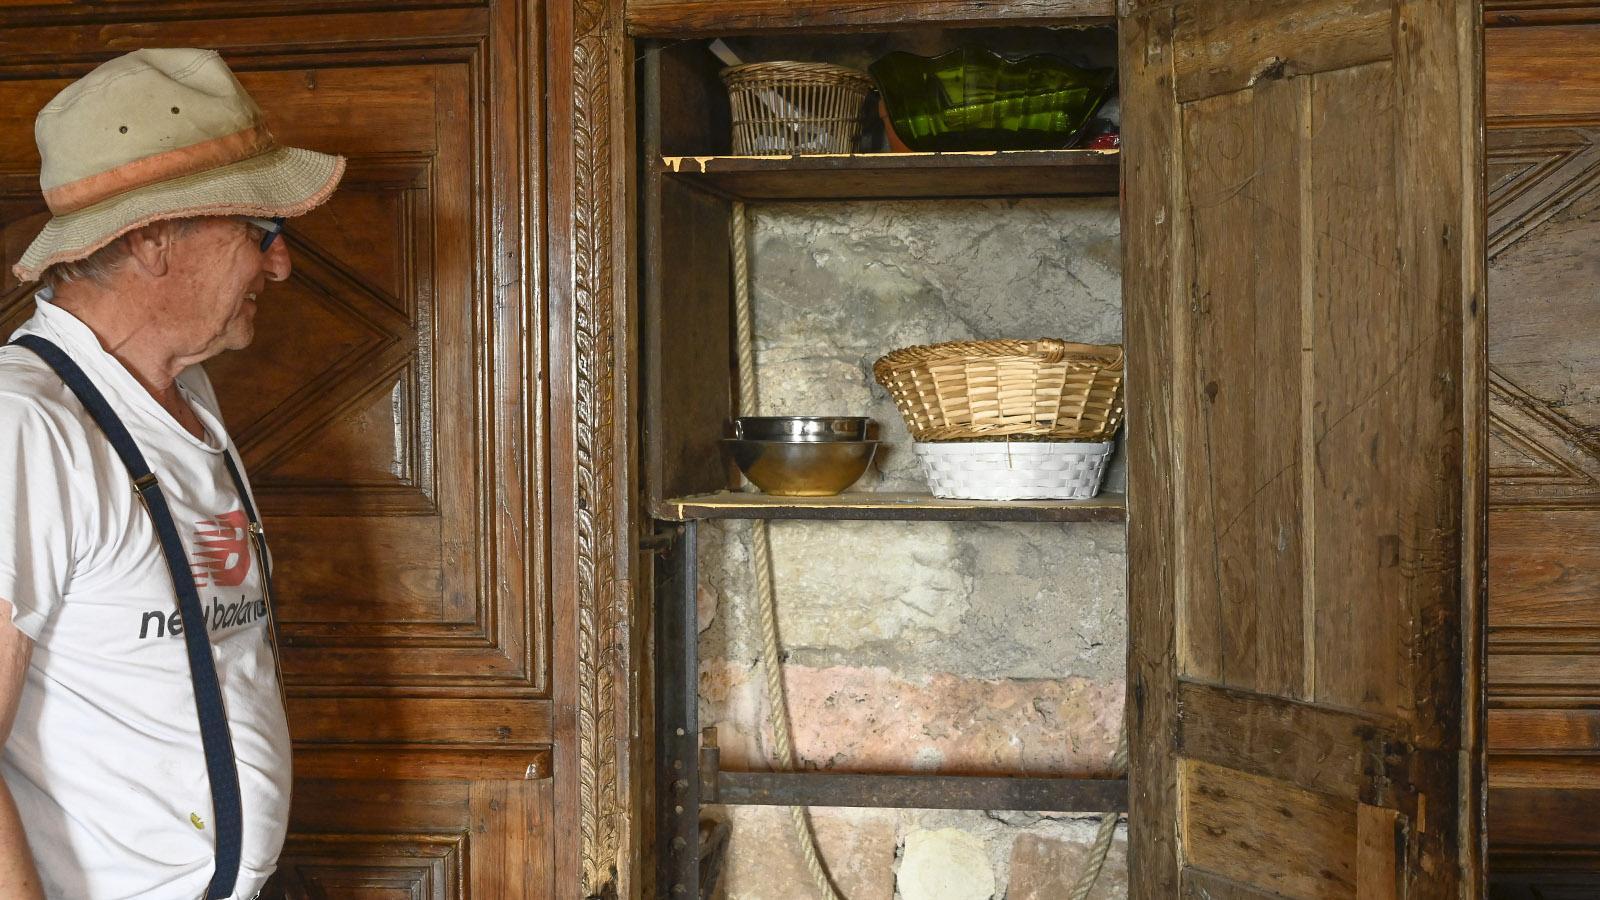 In der salle des gardes der Burg versteckt sich hinter einer Schranktür dieser Essensaufzug. Foto: Hilke Maunder